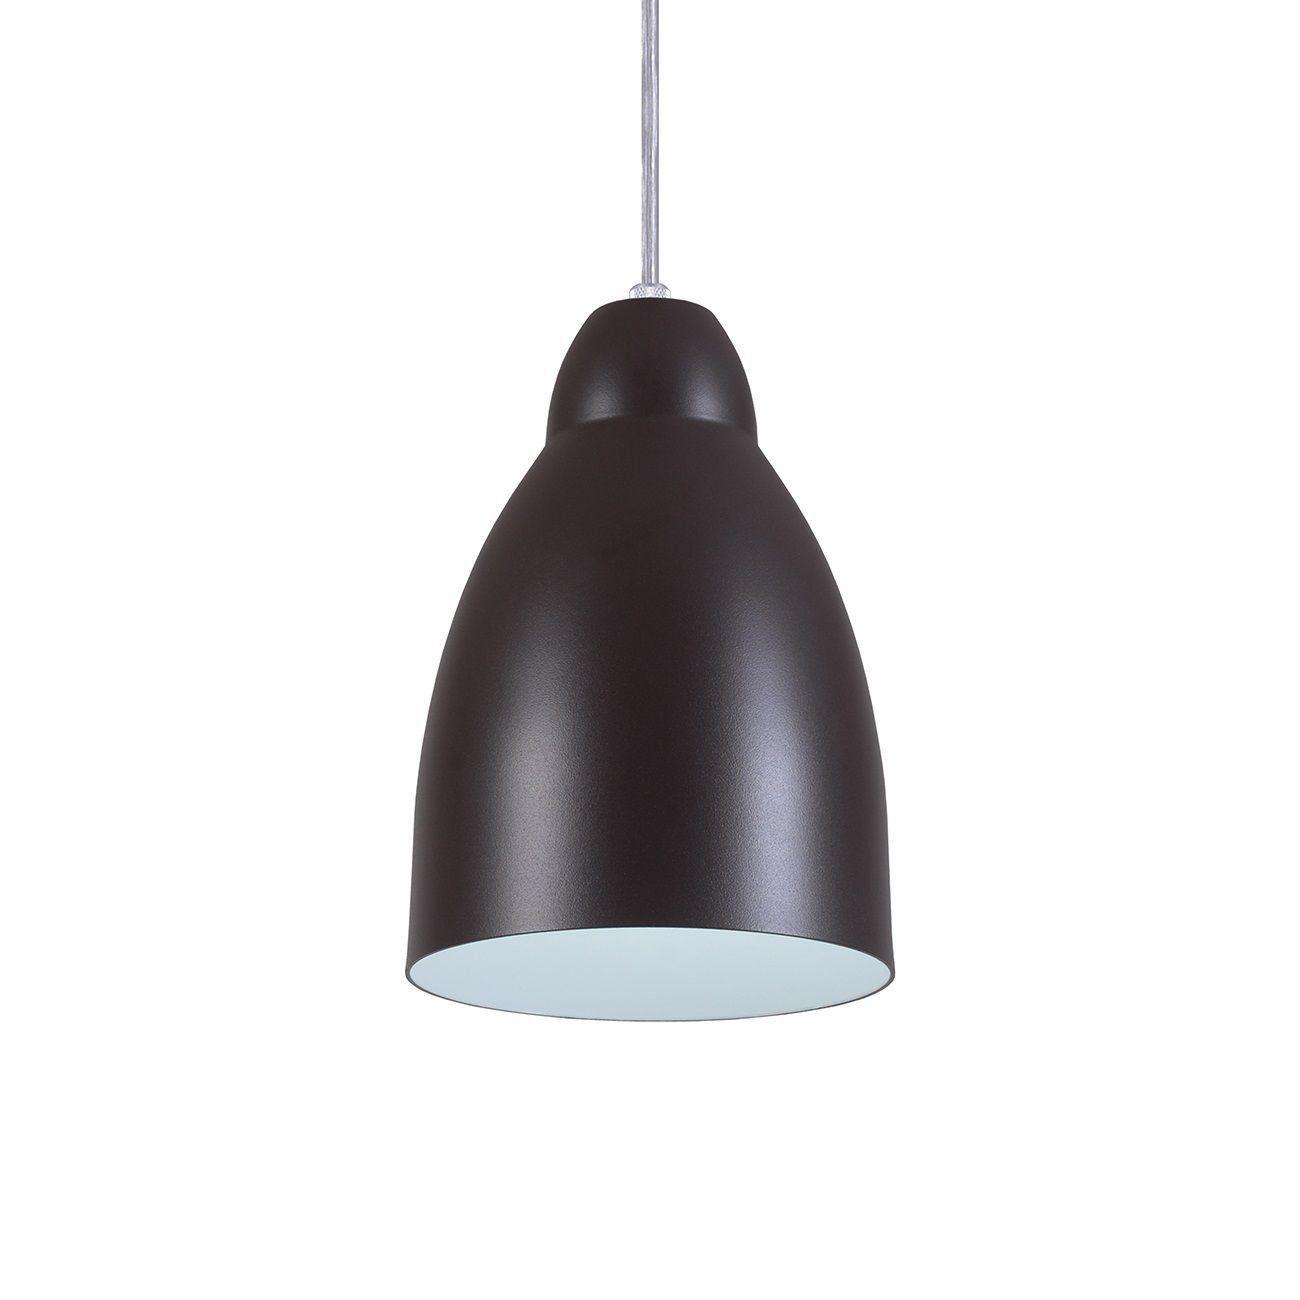 Pendente Bala Luminária Lustre Alumínio Marrom Tabaco Textura - Rei Da Iluminação